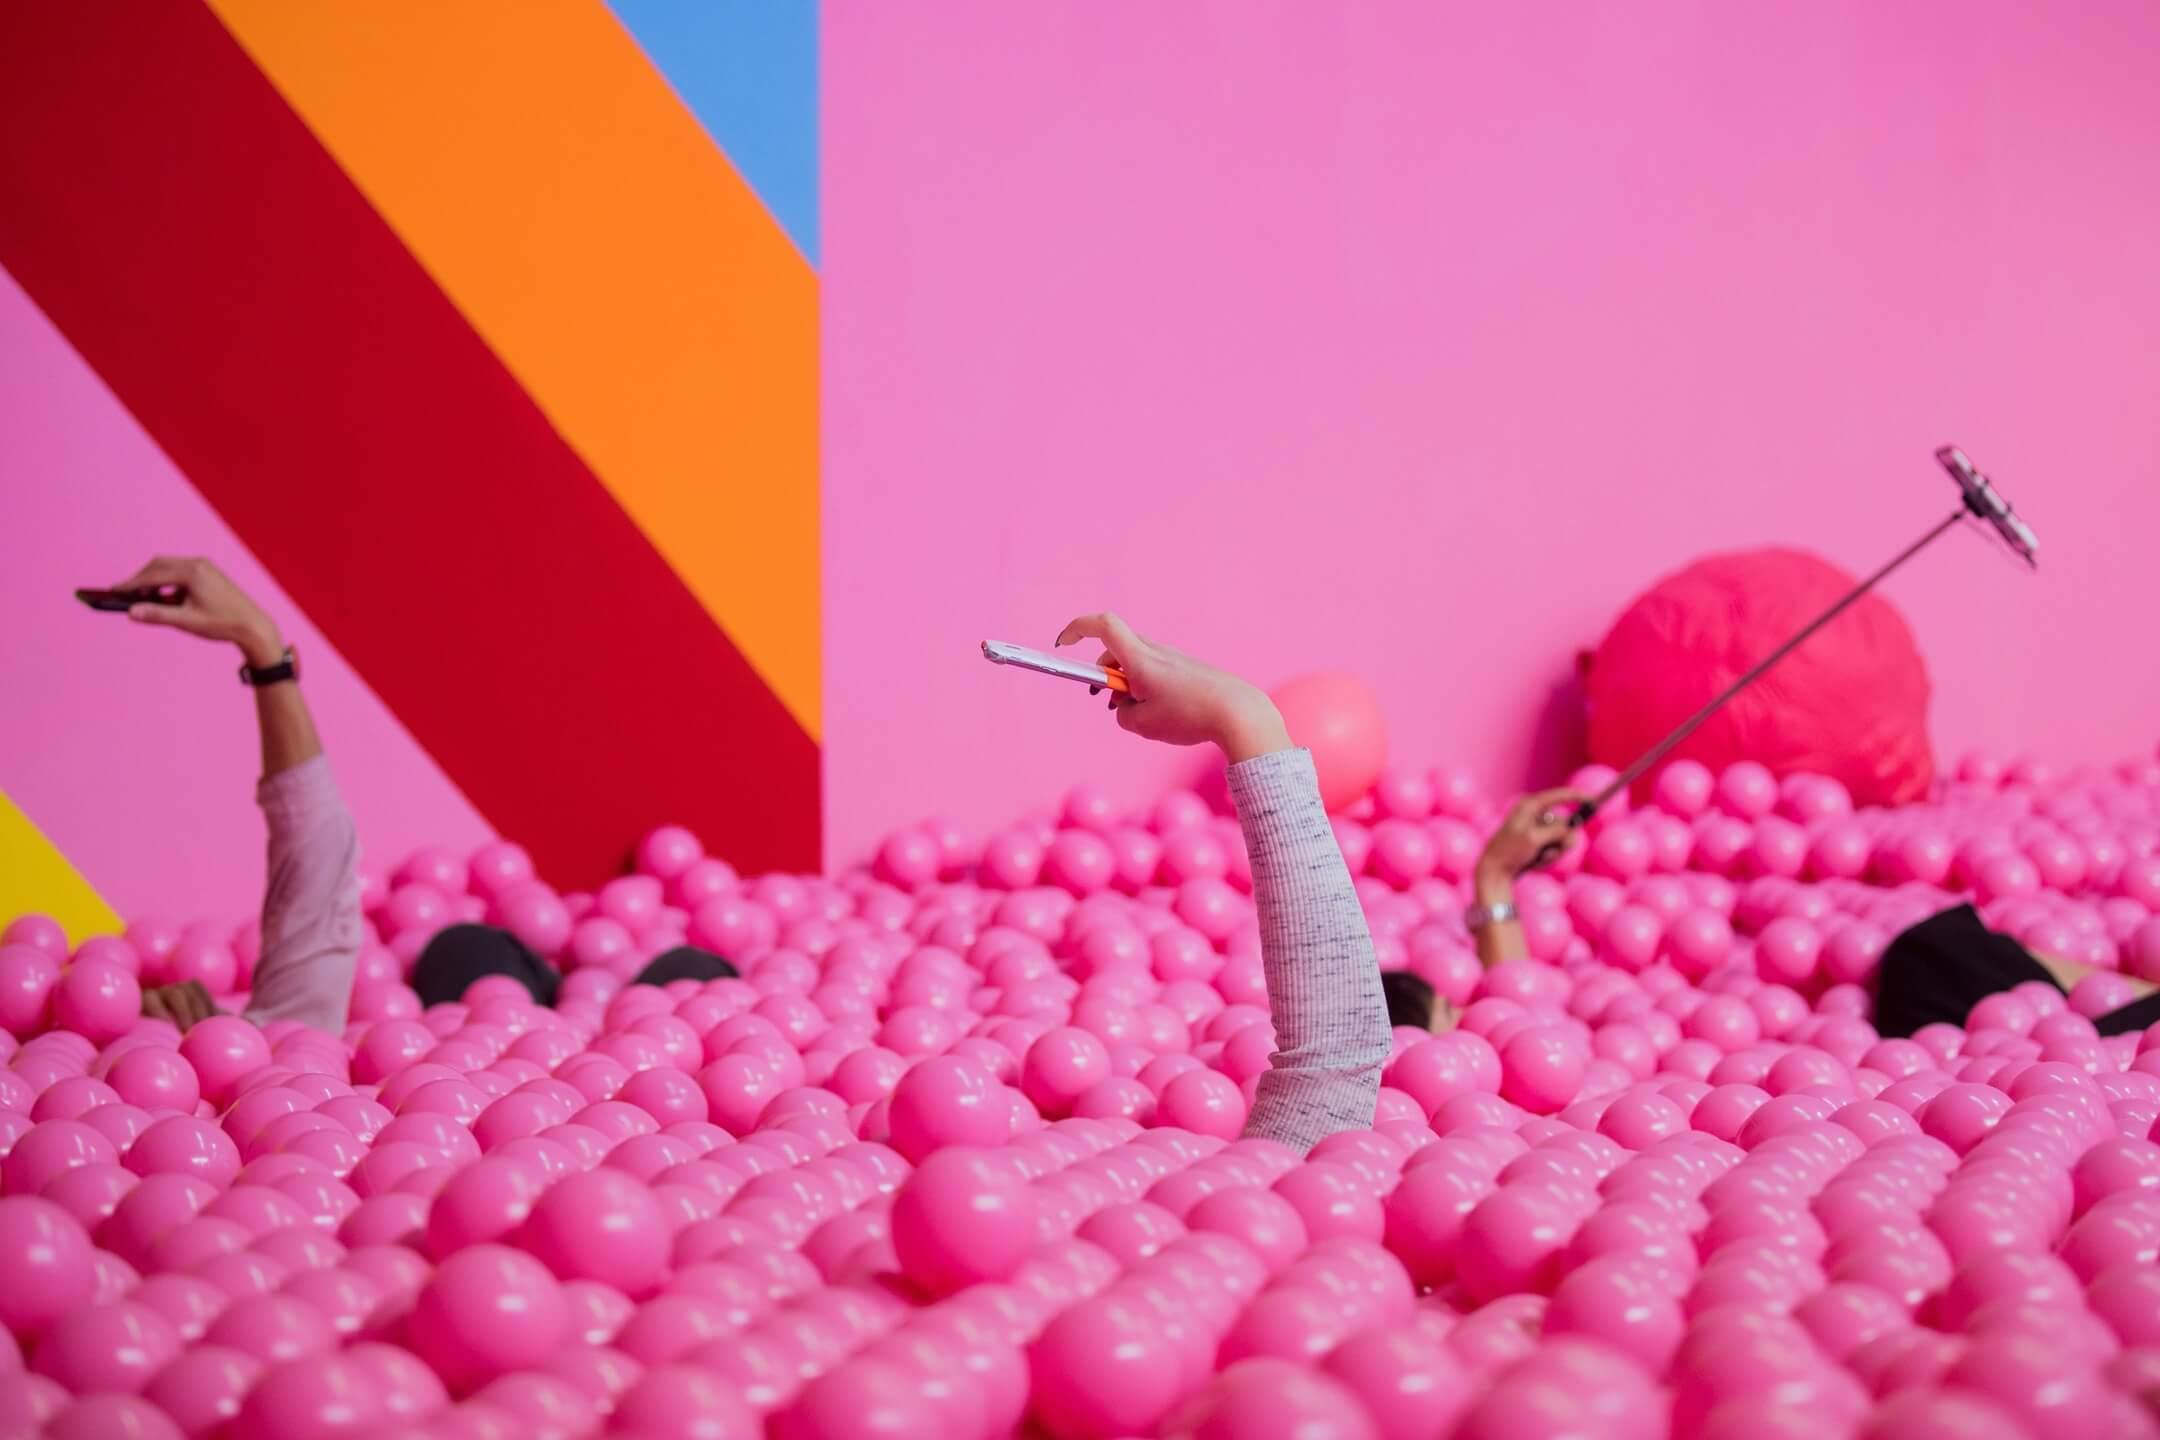 德國科隆,遊客在藝術館內一件裝置藝術品裏面拍照。 攝:Rolf Vennenbernd/DPA/AFP via Getty Images